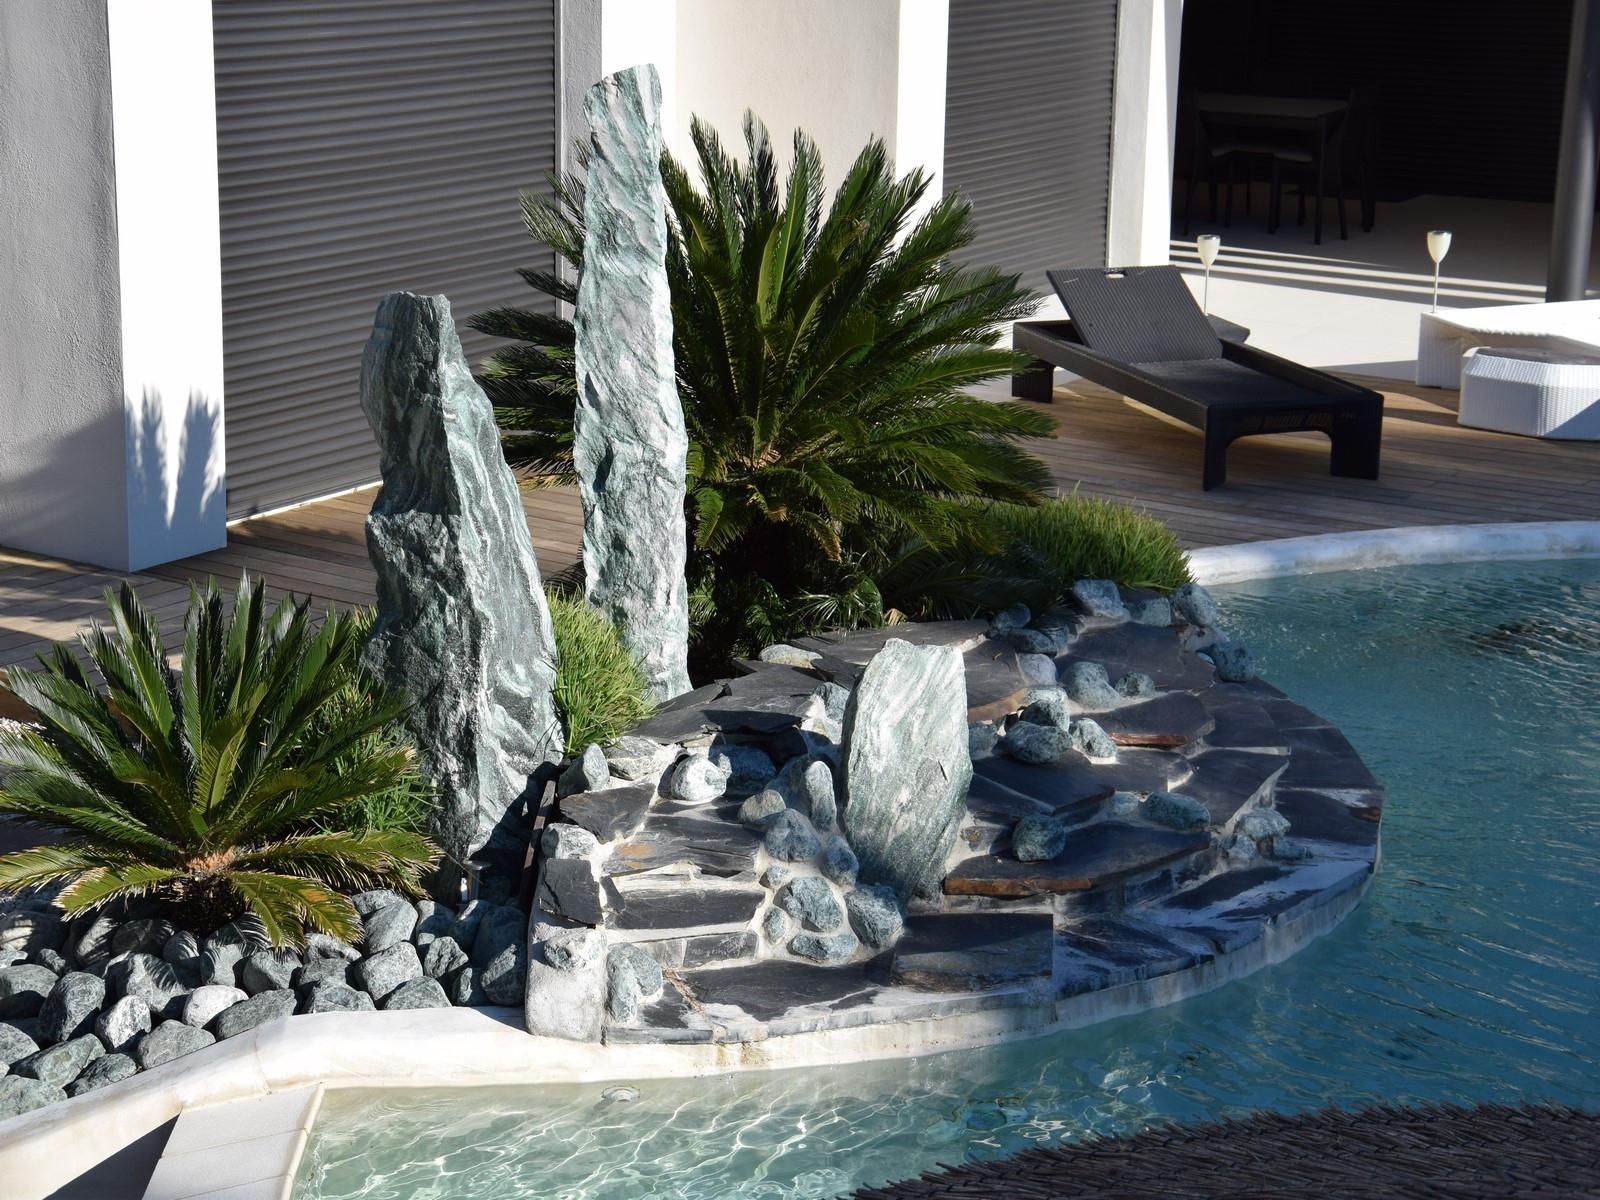 Salon De Jardin Geant Frais Photographie Idee De Decoration De Jardin Exterieur Avec Moderne Image